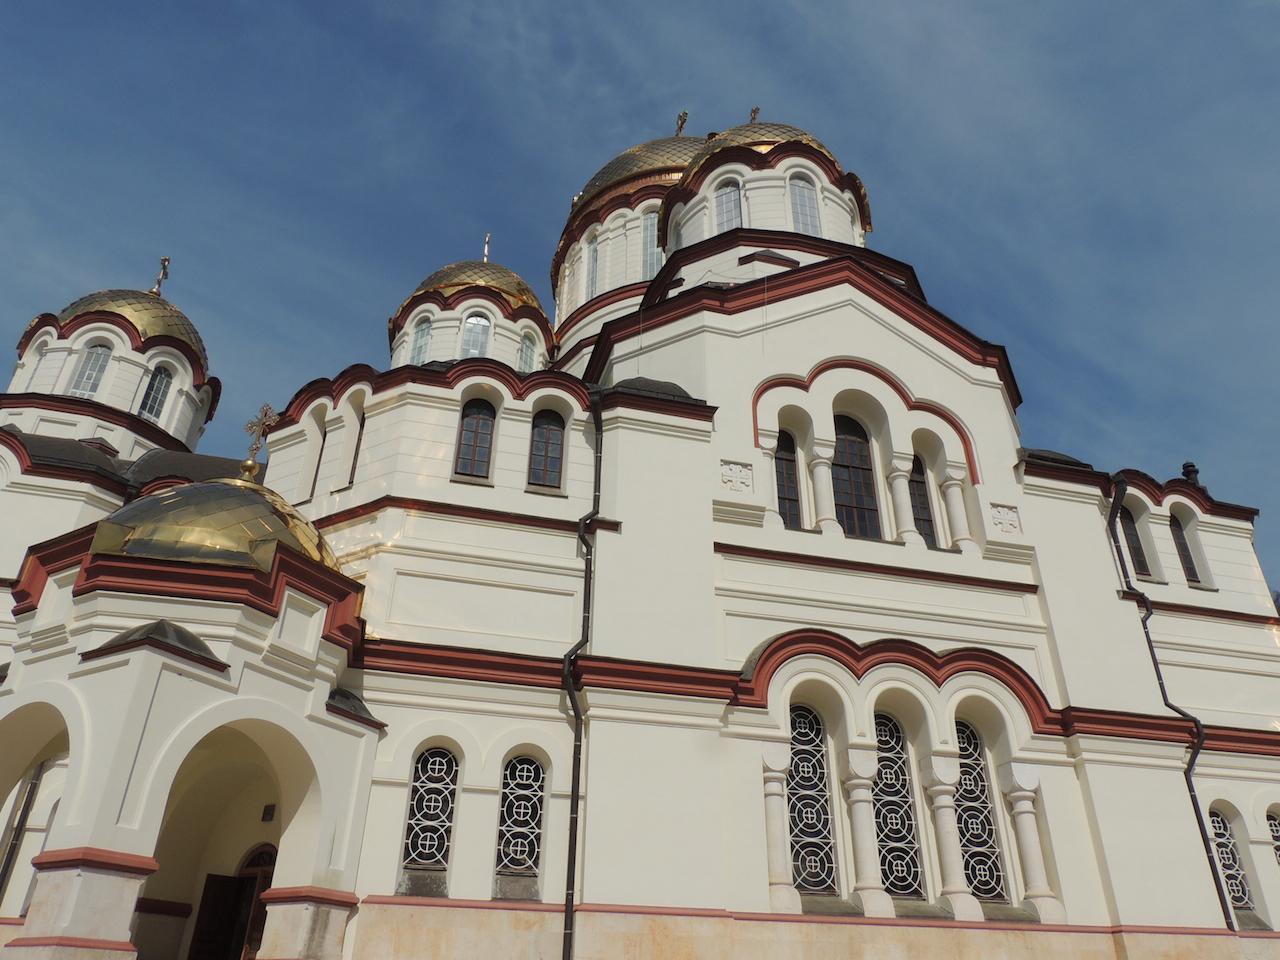 Абхазия Новоафонский монастырь Храм 14 марта 2015 г., 15-44.JPG